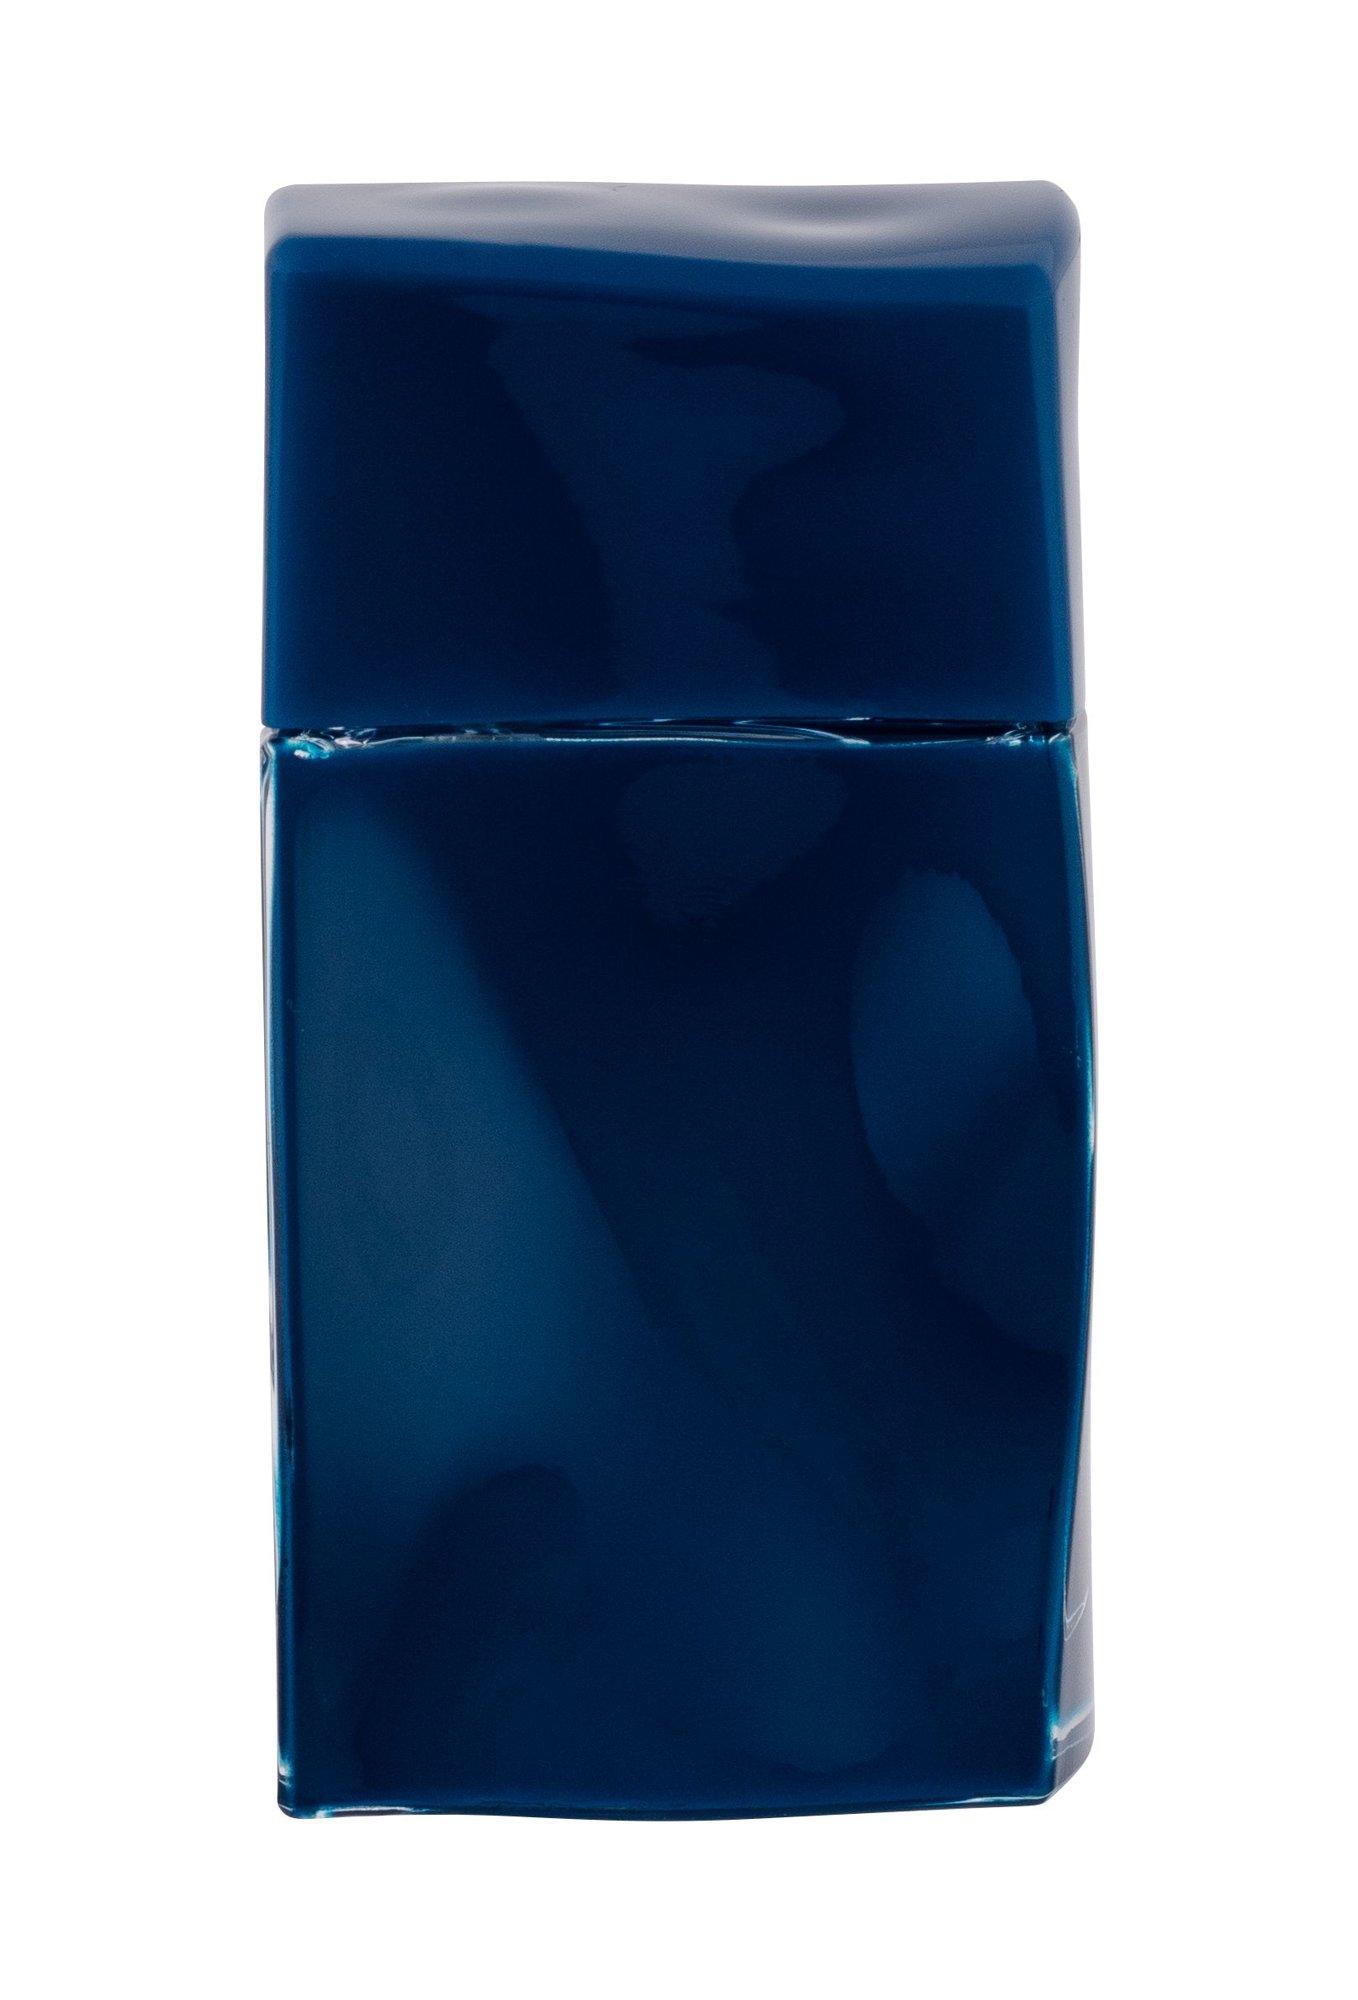 KENZO Aqua Kenzo pour Homme Eau de Toilette 30ml